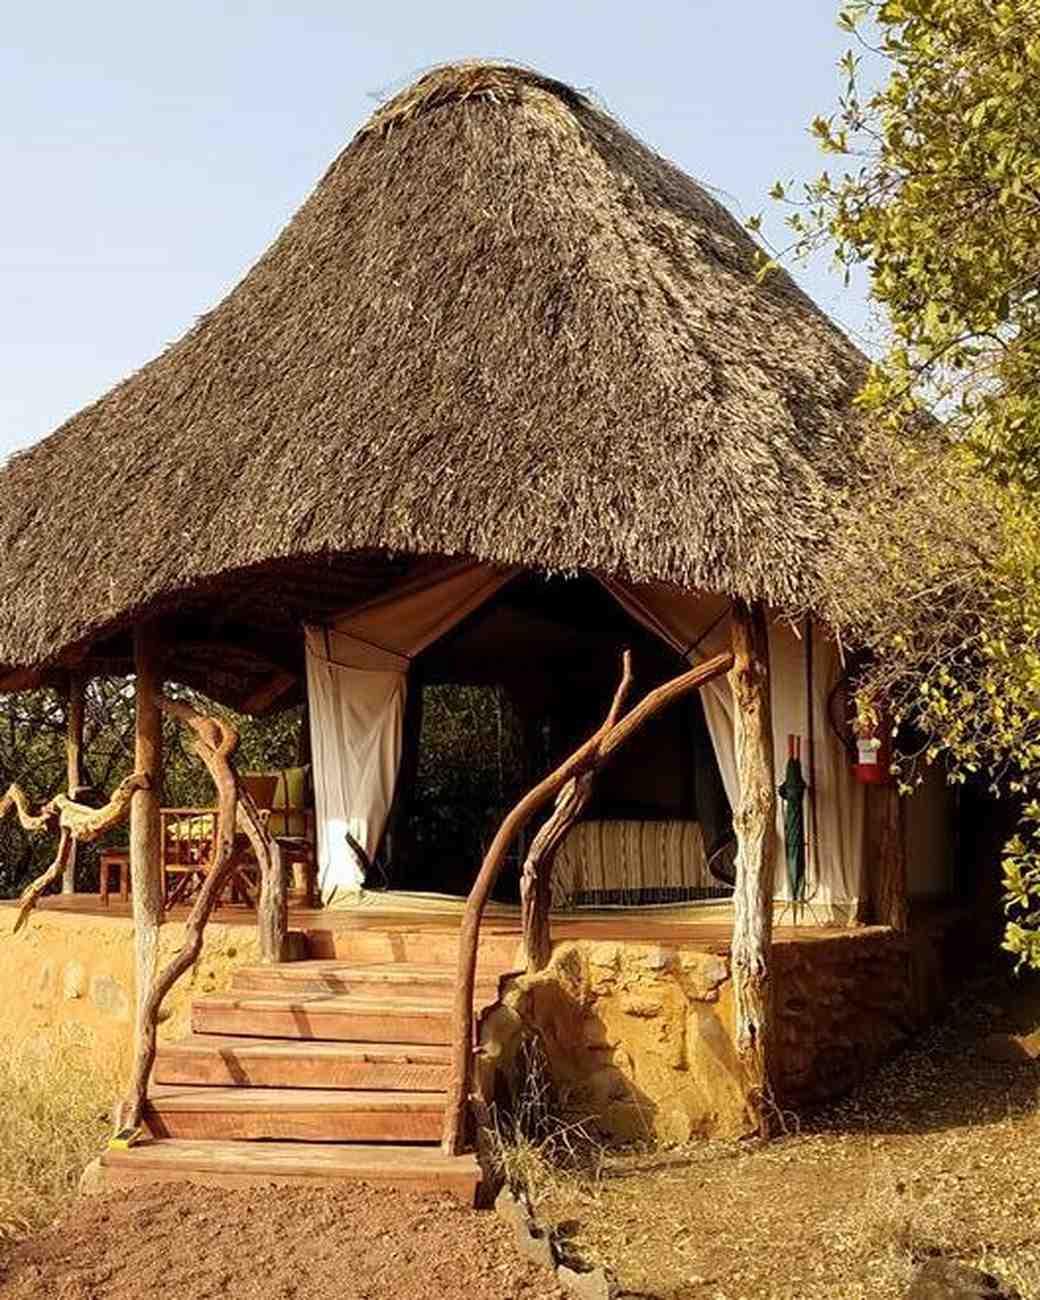 Kenya Lewa Safari Camp